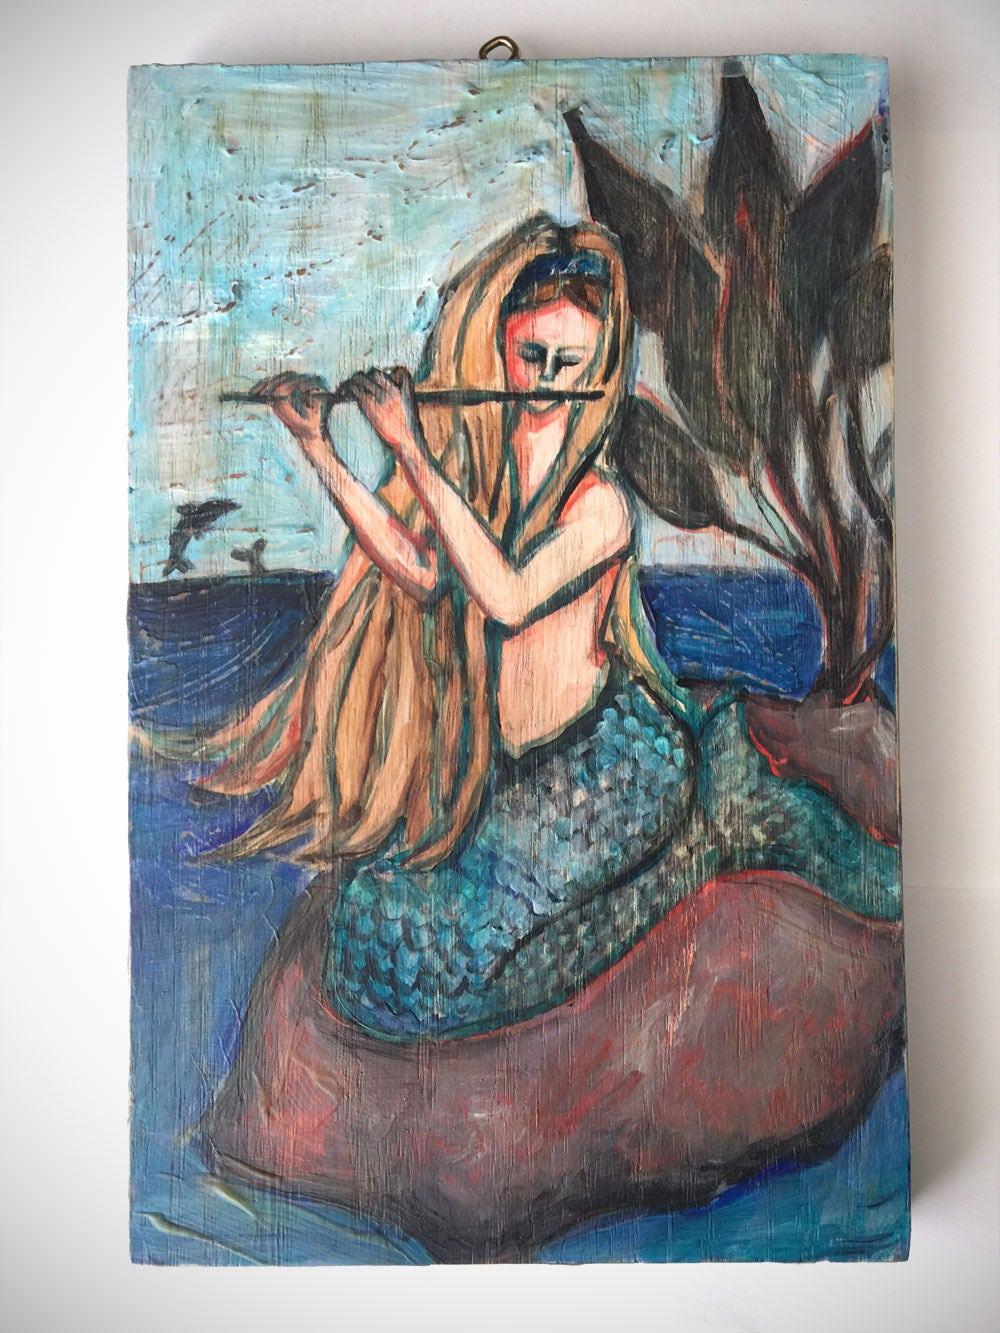 Mermaid Wall Art Home Decor Shabby Chic Wall Hook